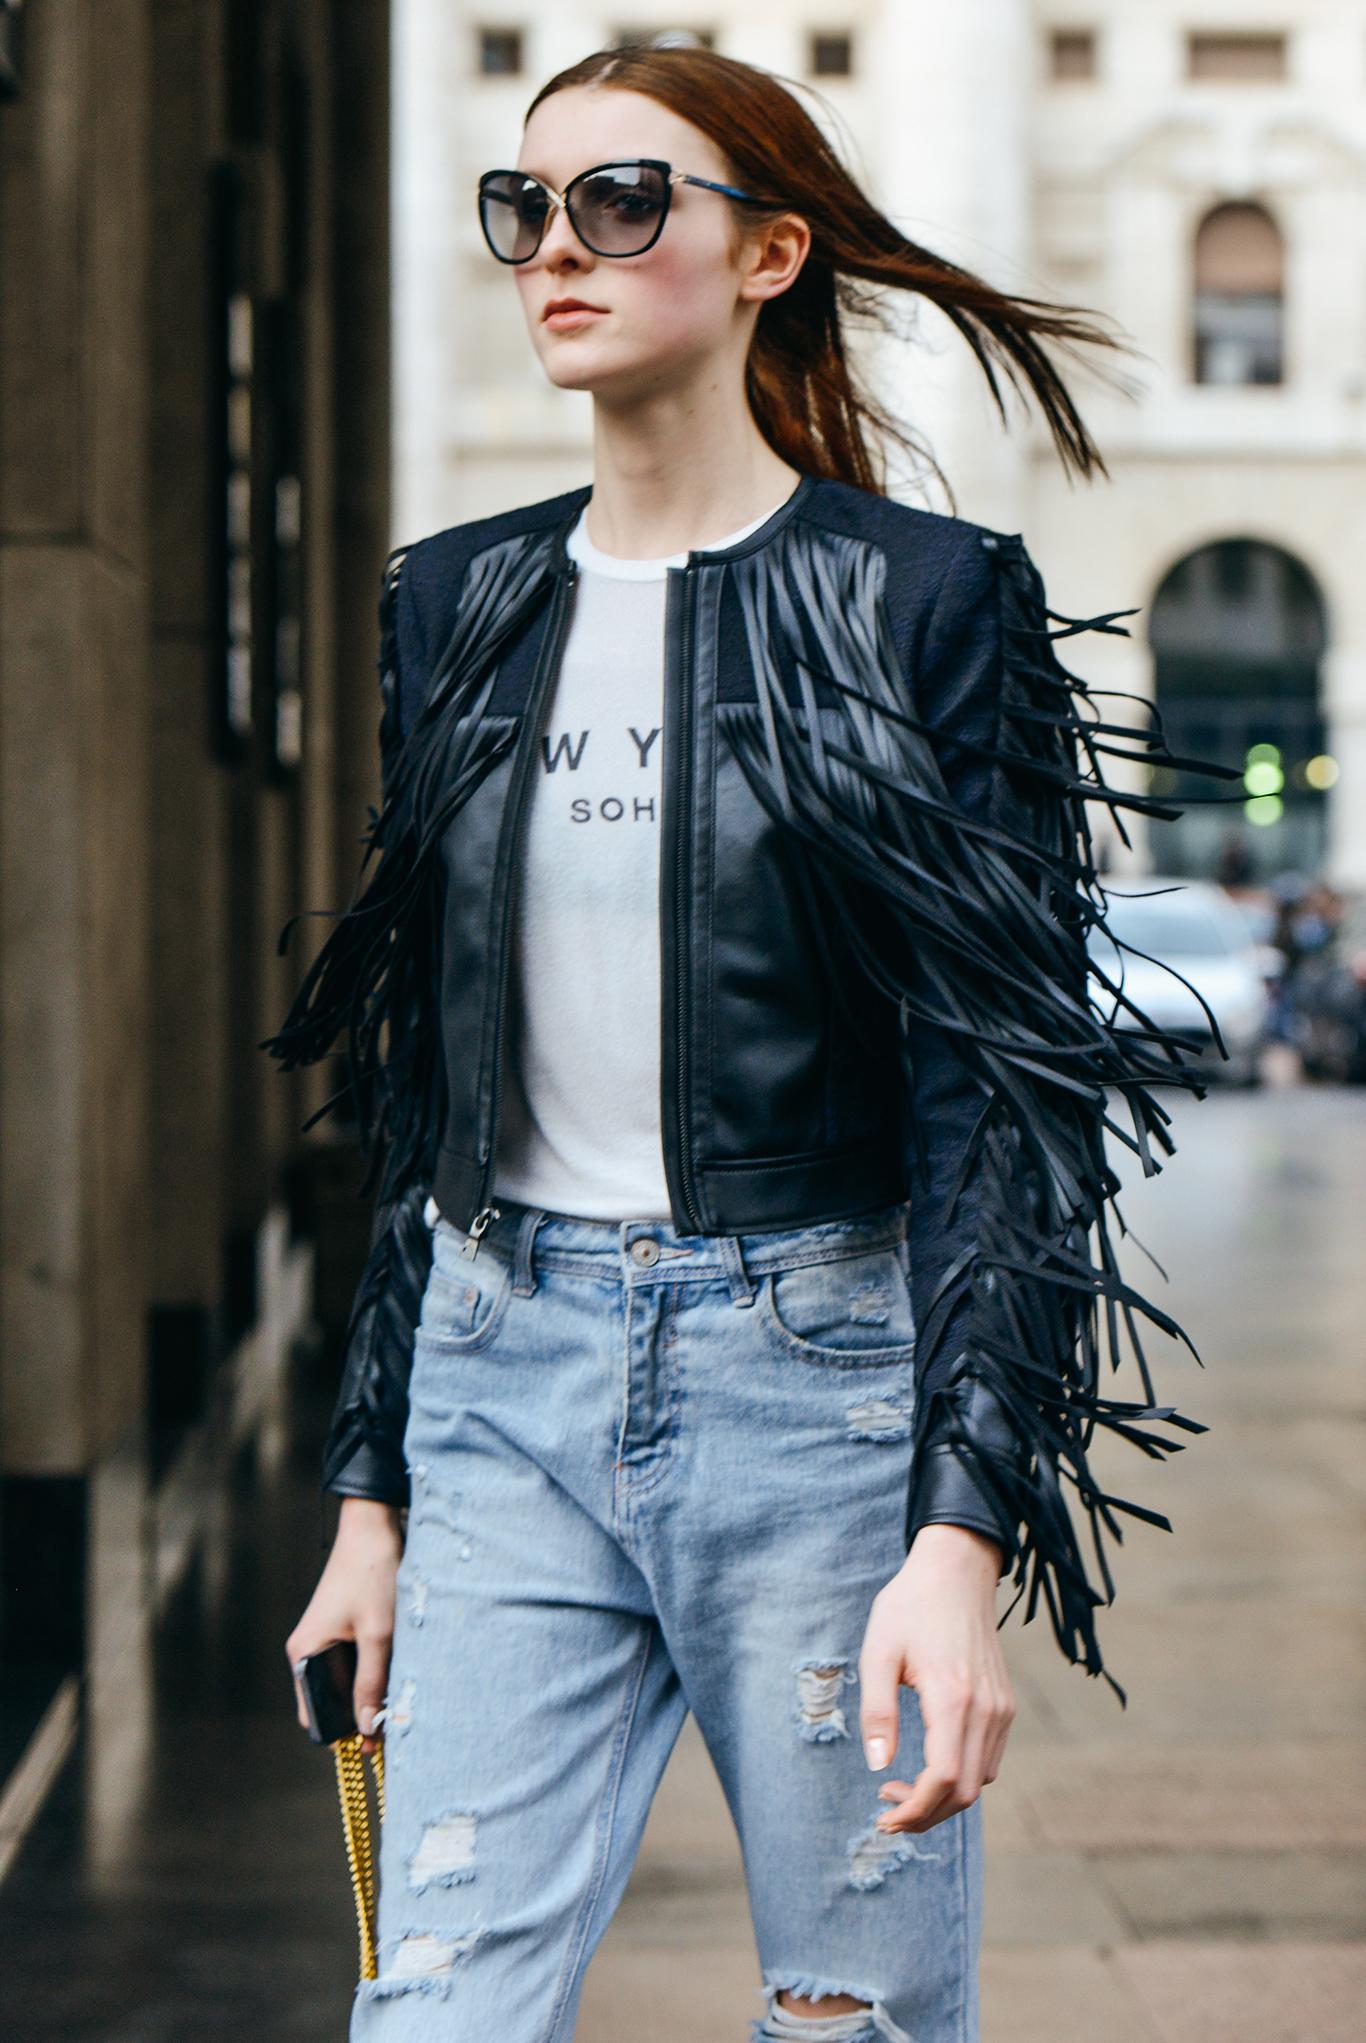 Весенняя куртка, модель 2016 года с бахромой – фото новинки и оригинальные тренды